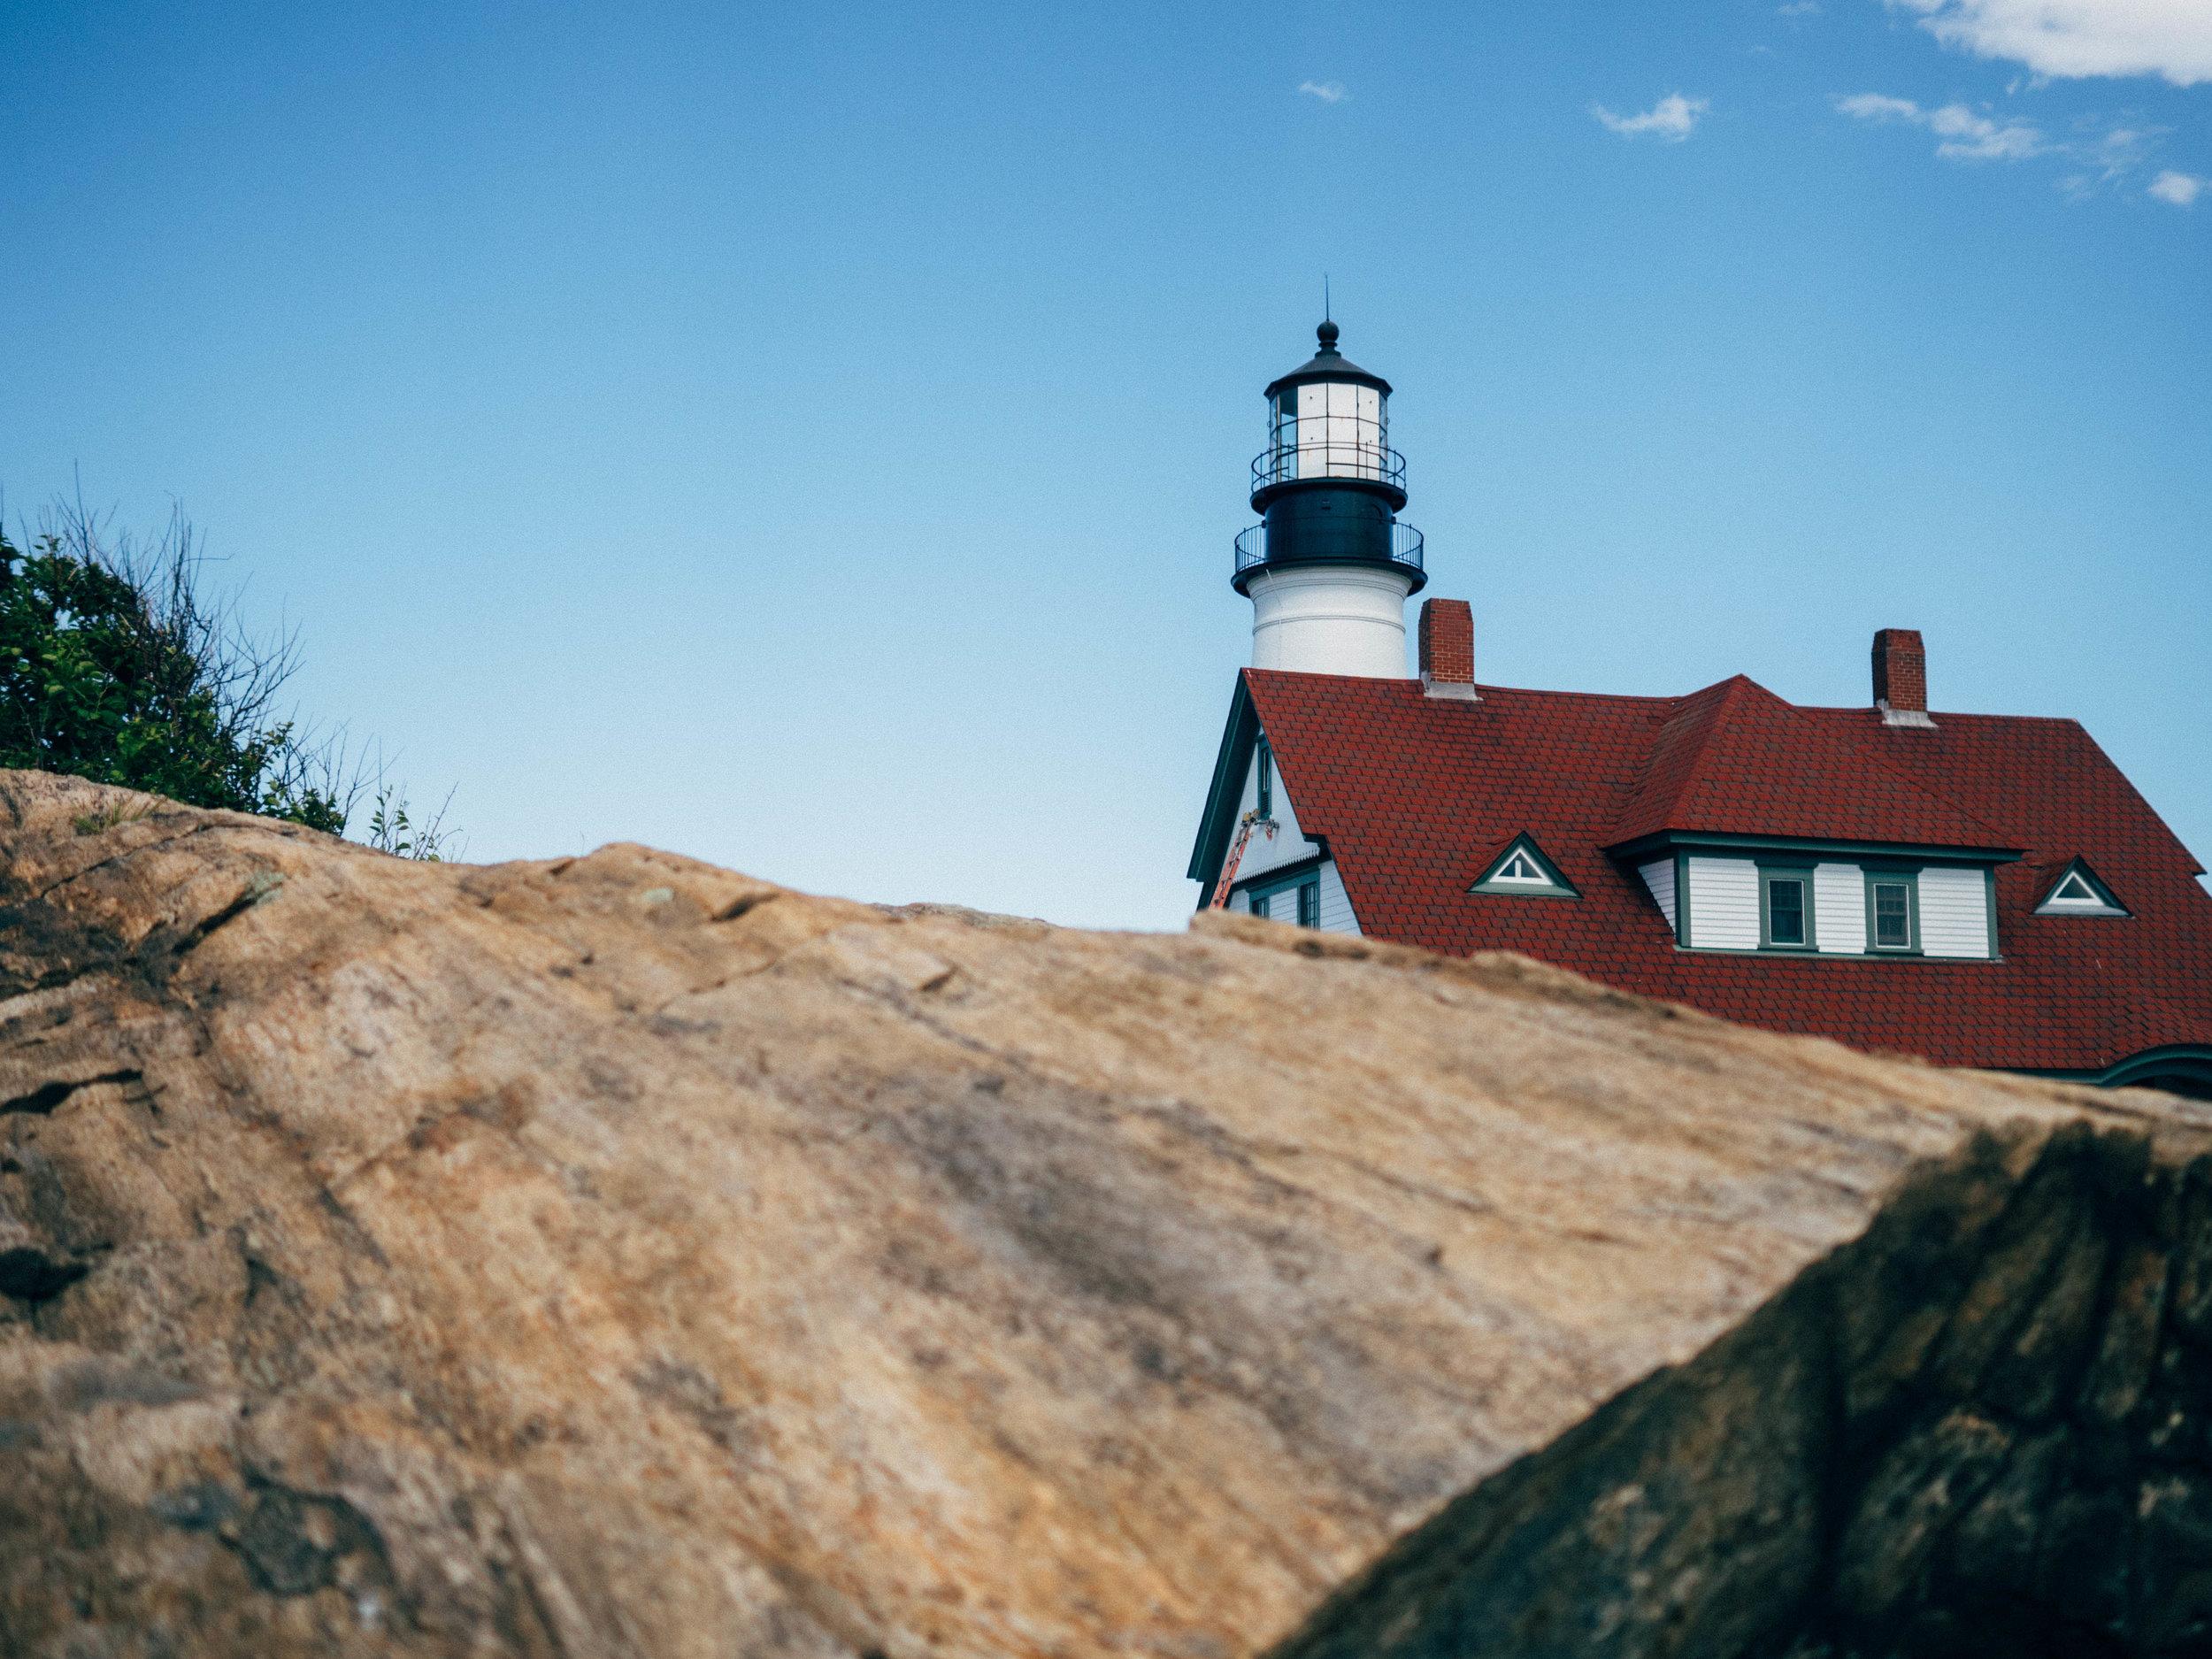 Maine061616_106.jpg